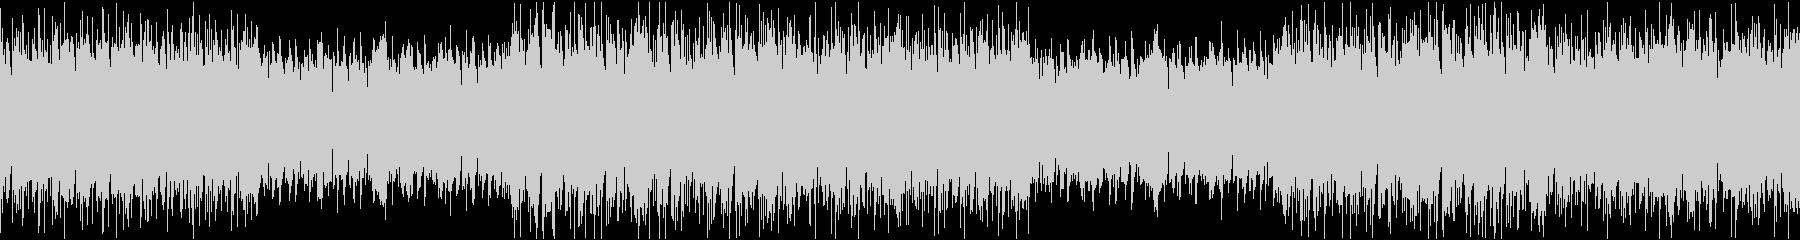 ダーク琴エレクトロ/ループの未再生の波形